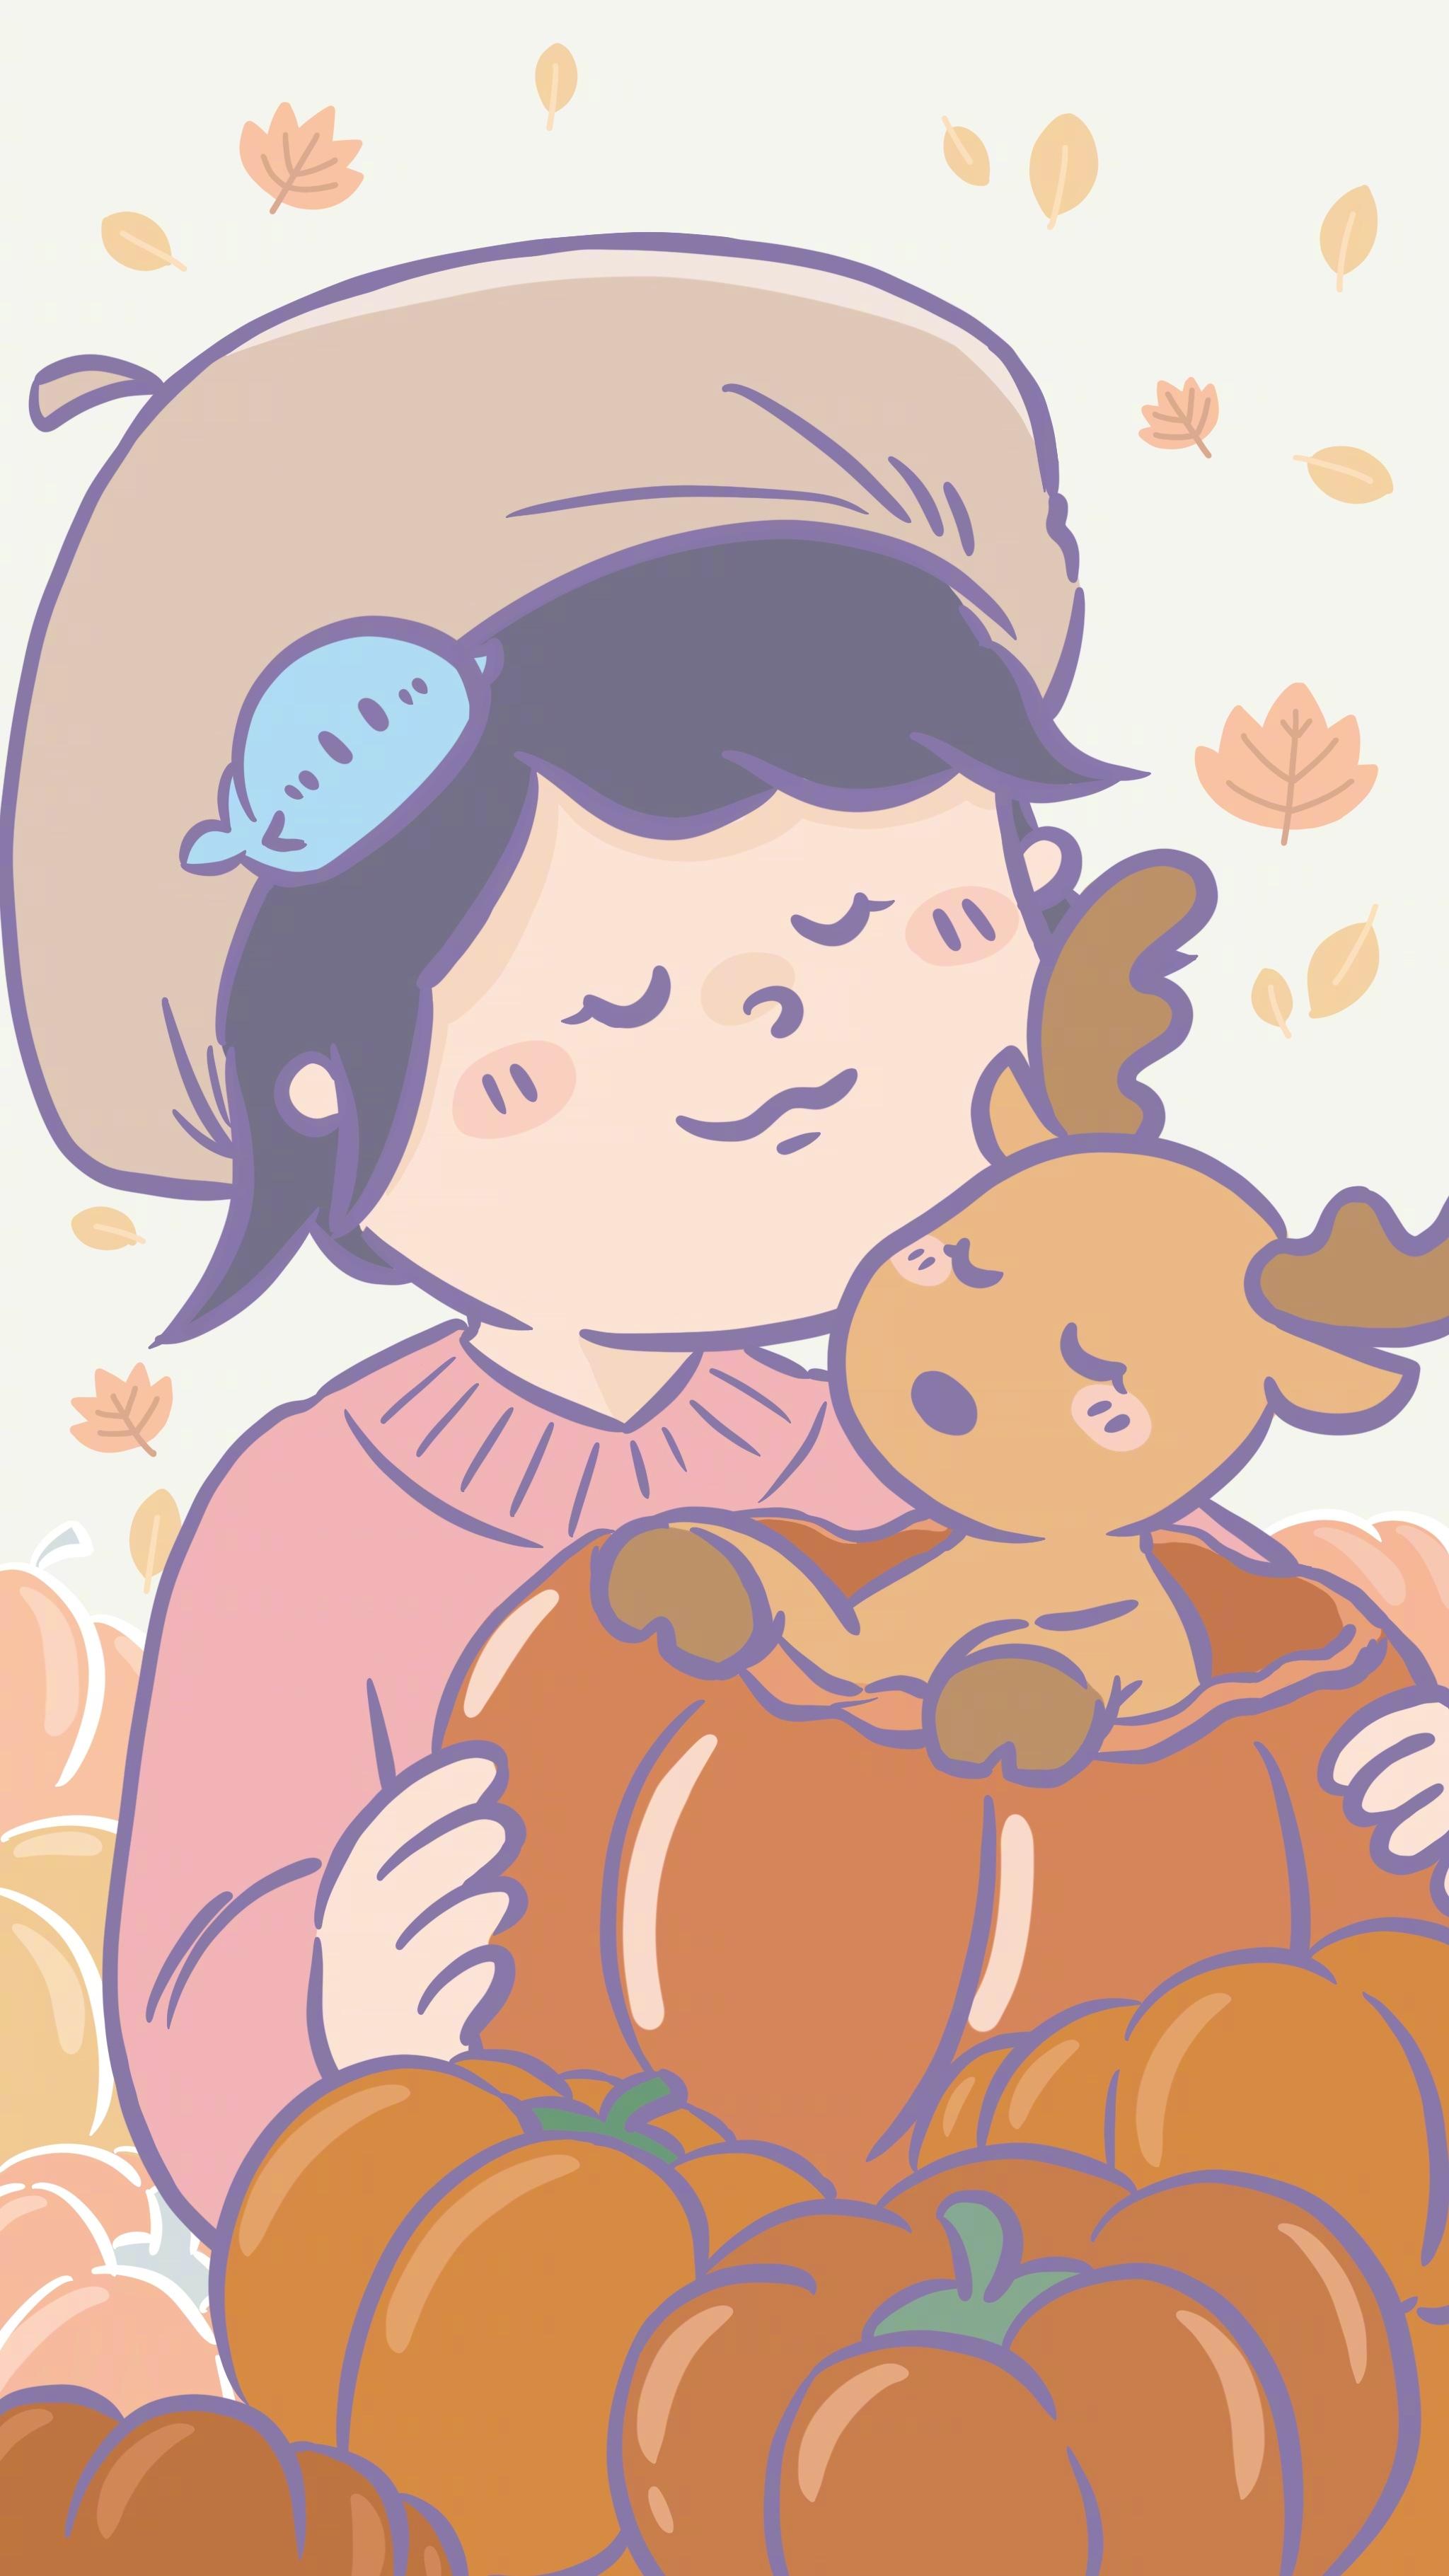 秋天的粽明天转发里抽一个朋友勇有小鲸鱼干发帽帽 @微博抽奖平台